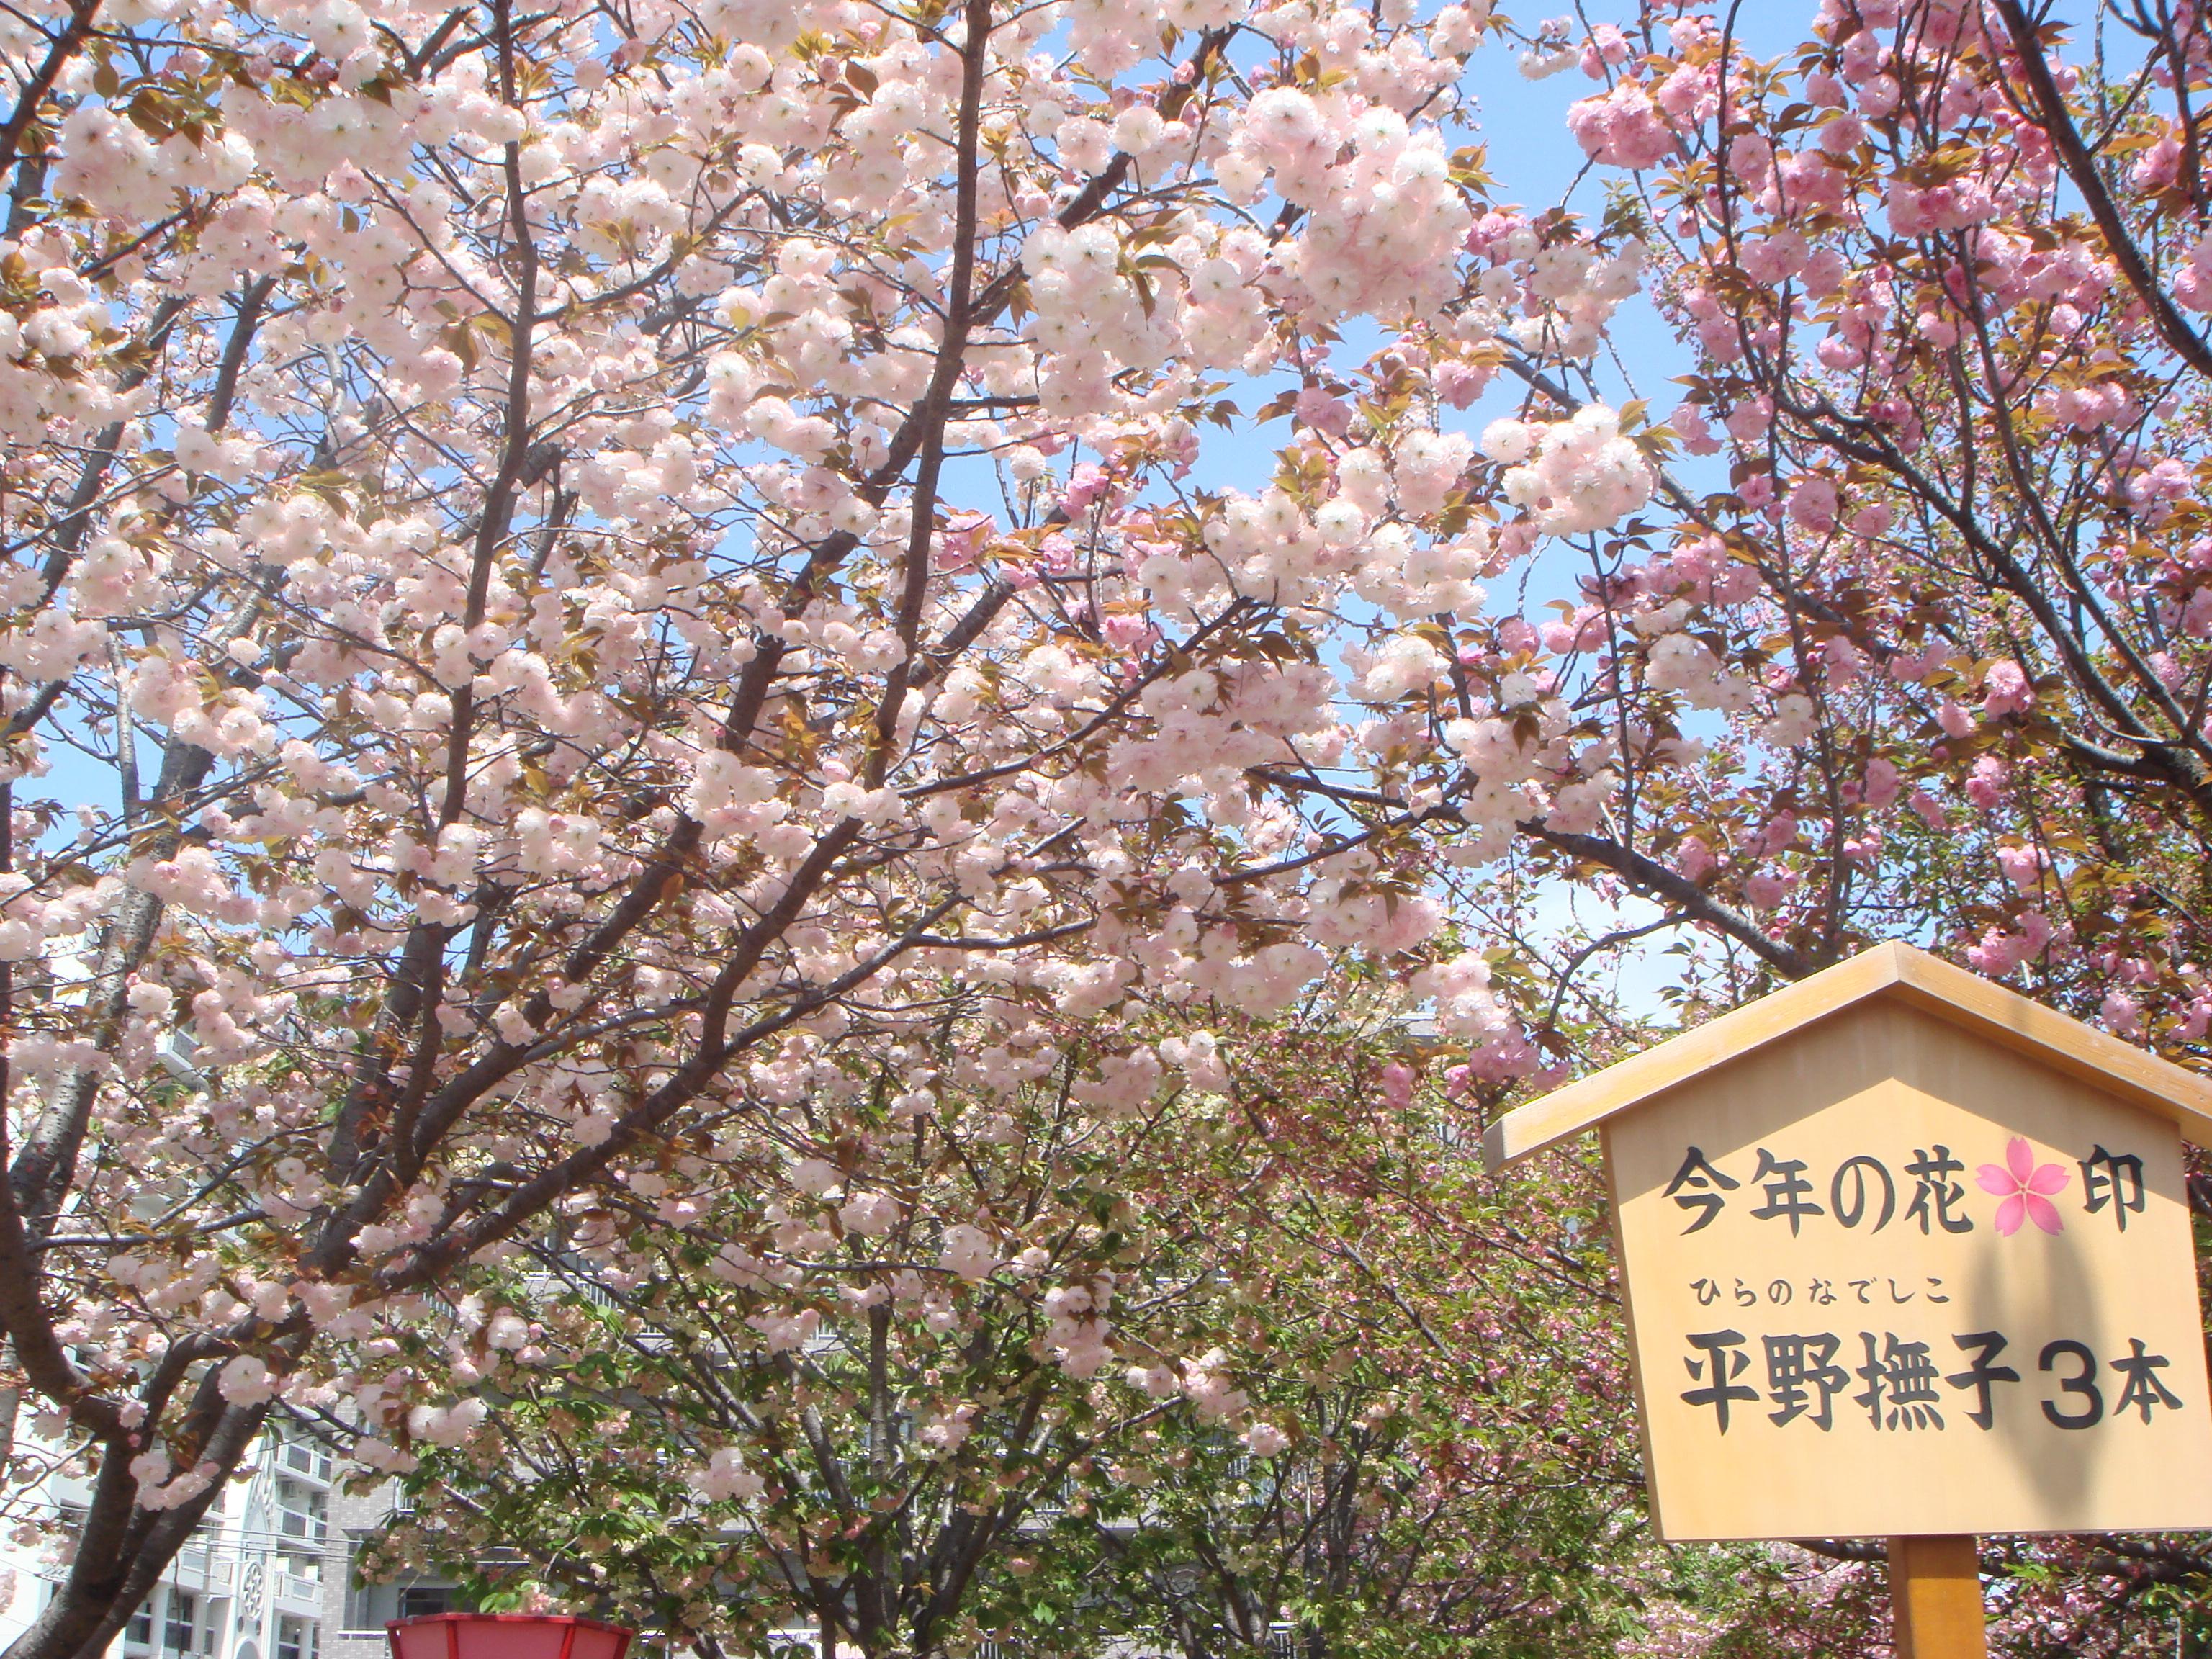 今年初めて「大阪造幣局桜通り抜け」に行きました。\u003cbr /